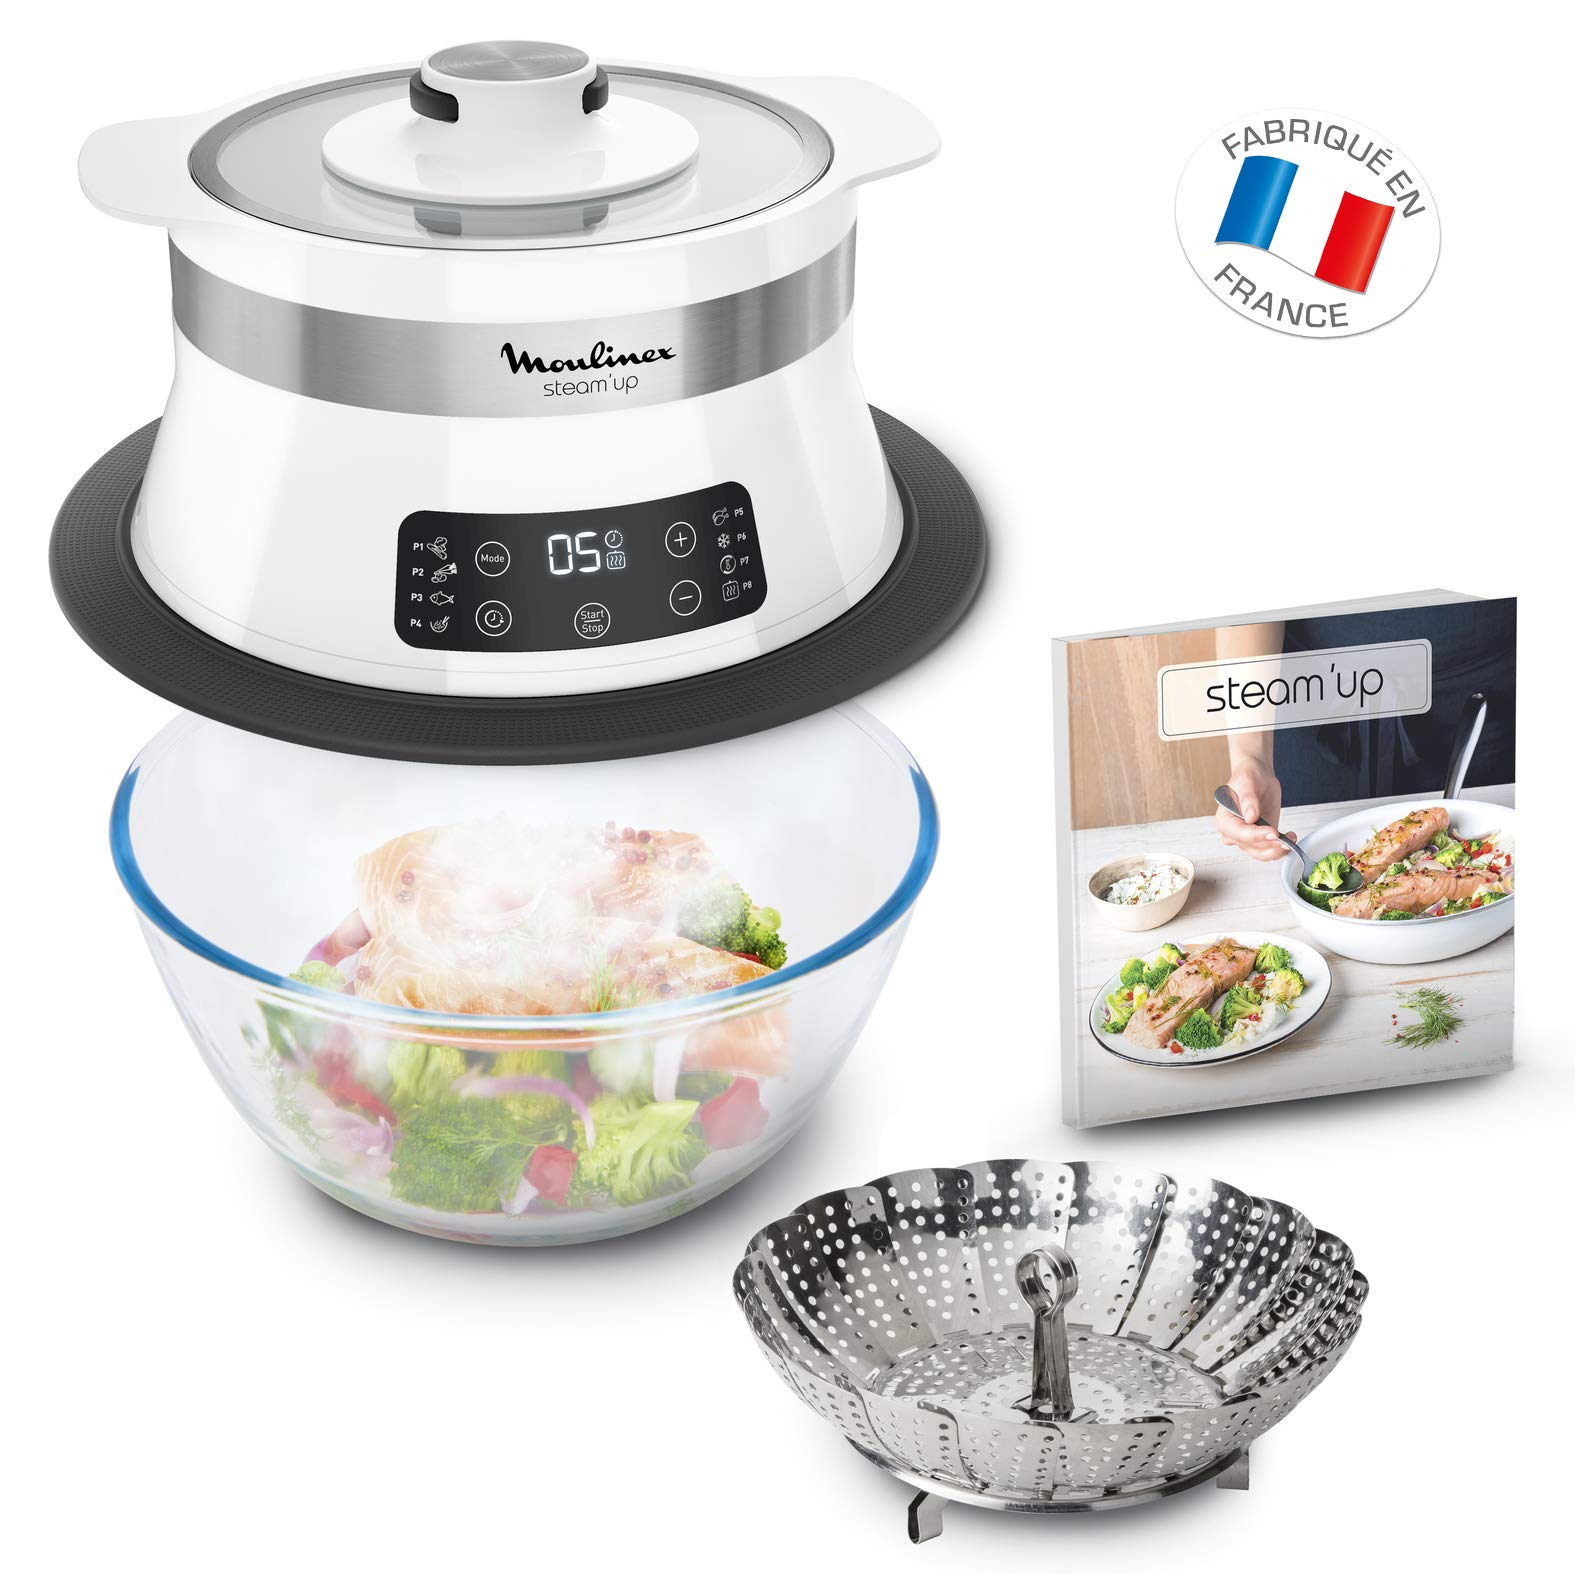 Moulinex Steam'up Cuiseur Vapeur Recettes Savoureuses Simple et Compact Cuisine Saine Gourmande VJ504010 (saladier non inclus) product image